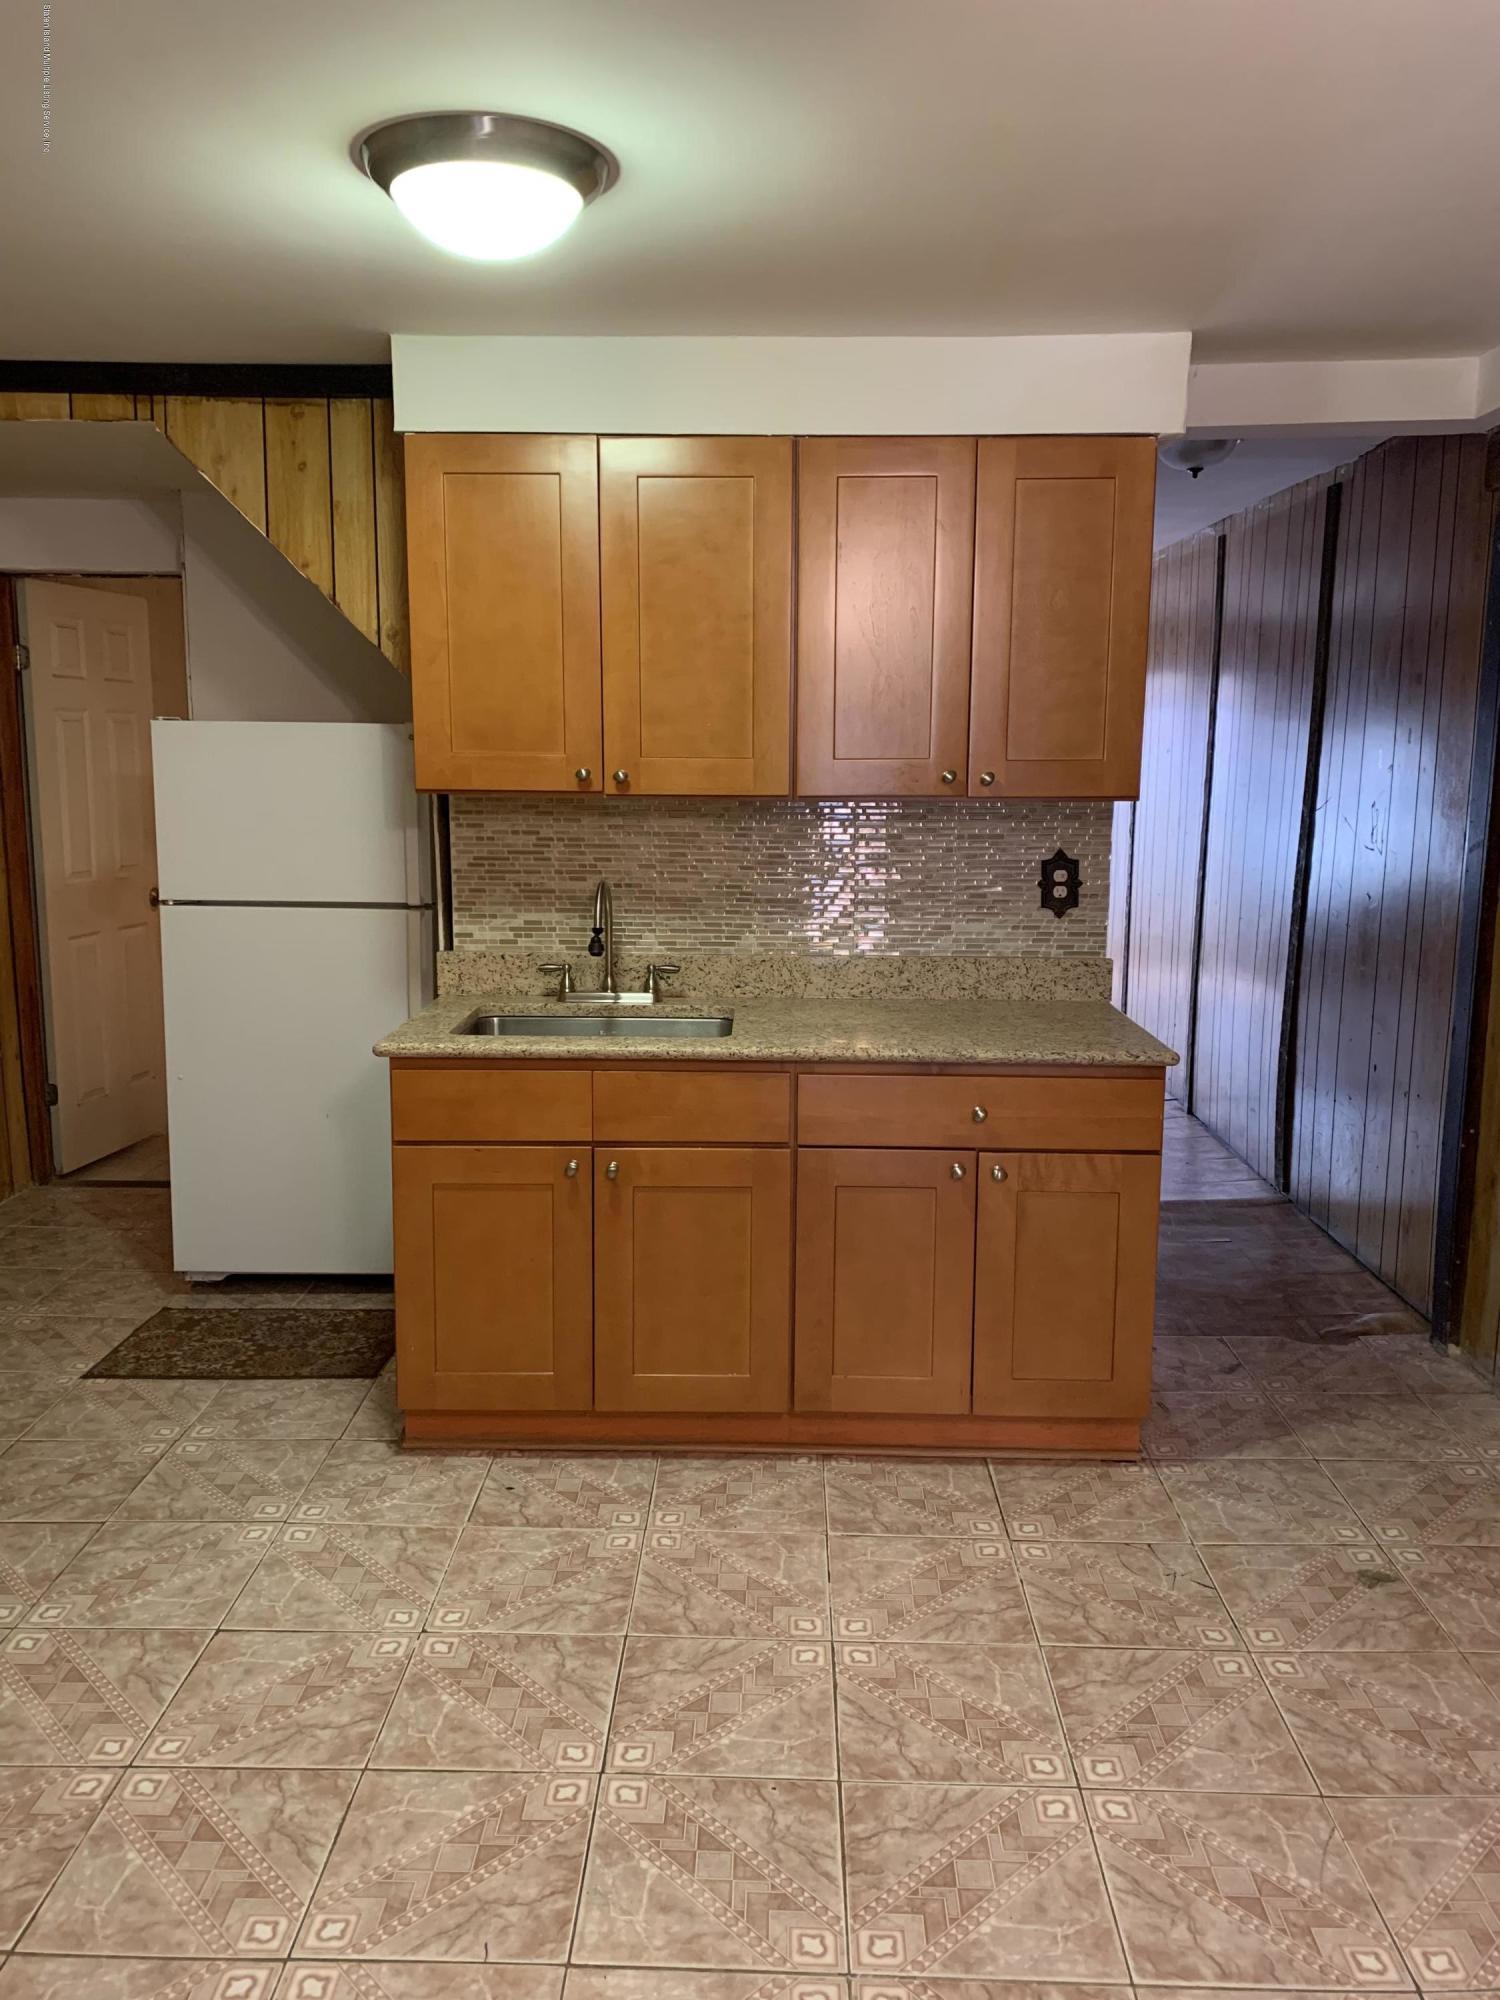 Single Family - Detached 152 Bay 53rd Street  Brooklyn, NY 11214, MLS-1125954-5